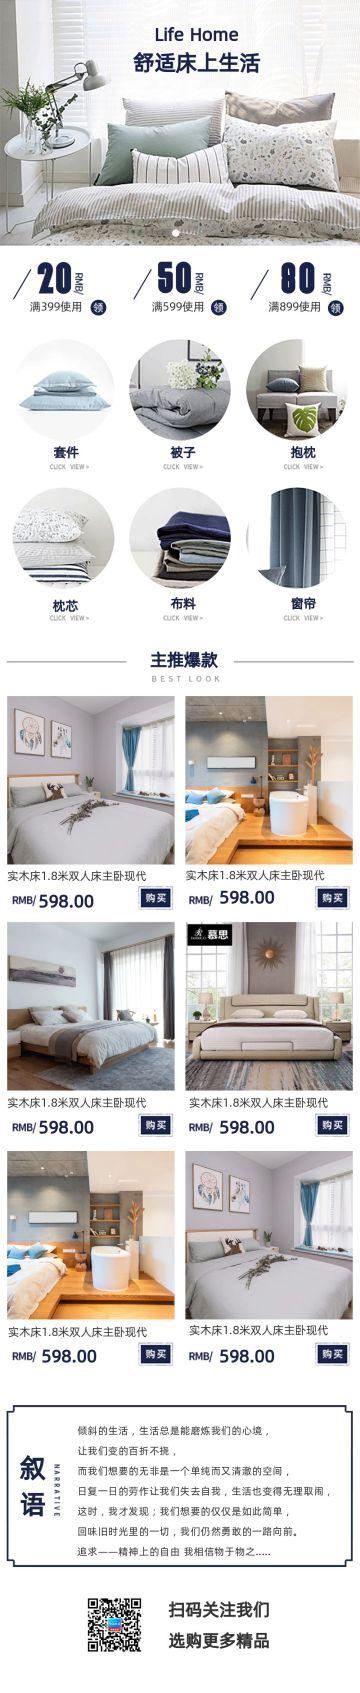 白色小清新风格家装节床具促销宣传长图